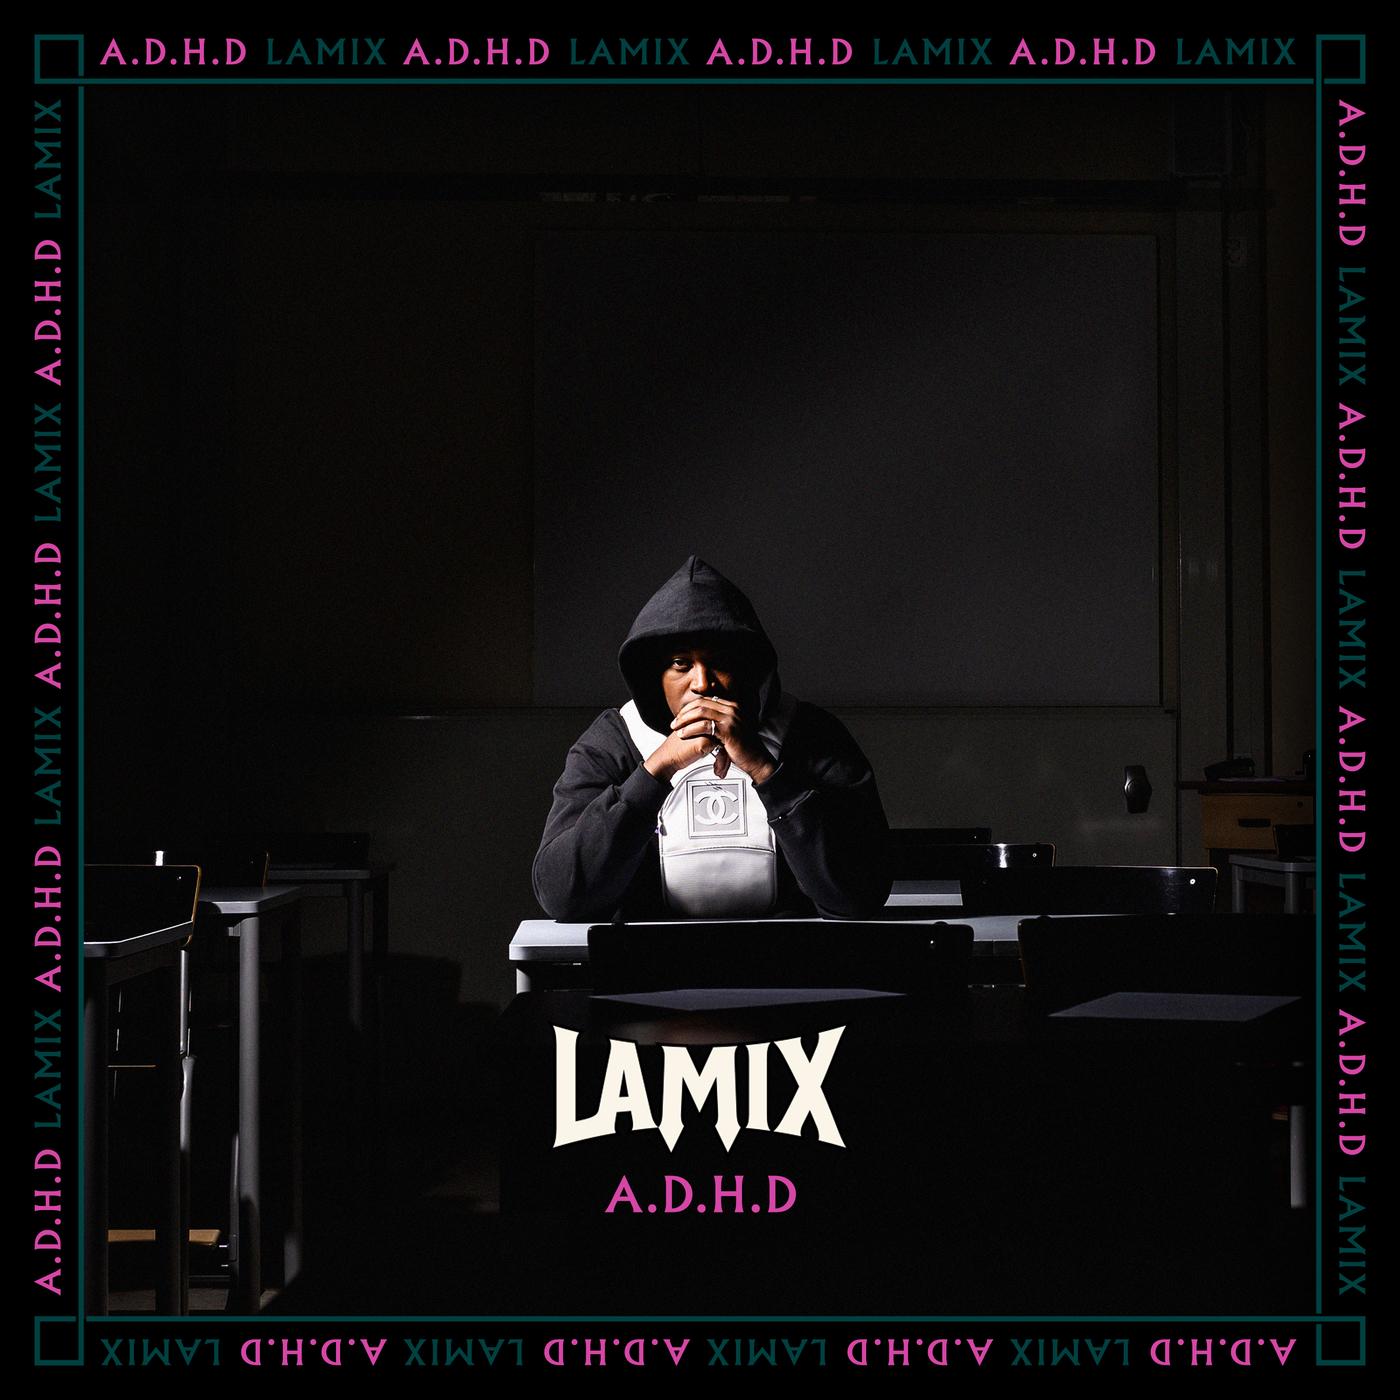 A.D.H.D - Lamix